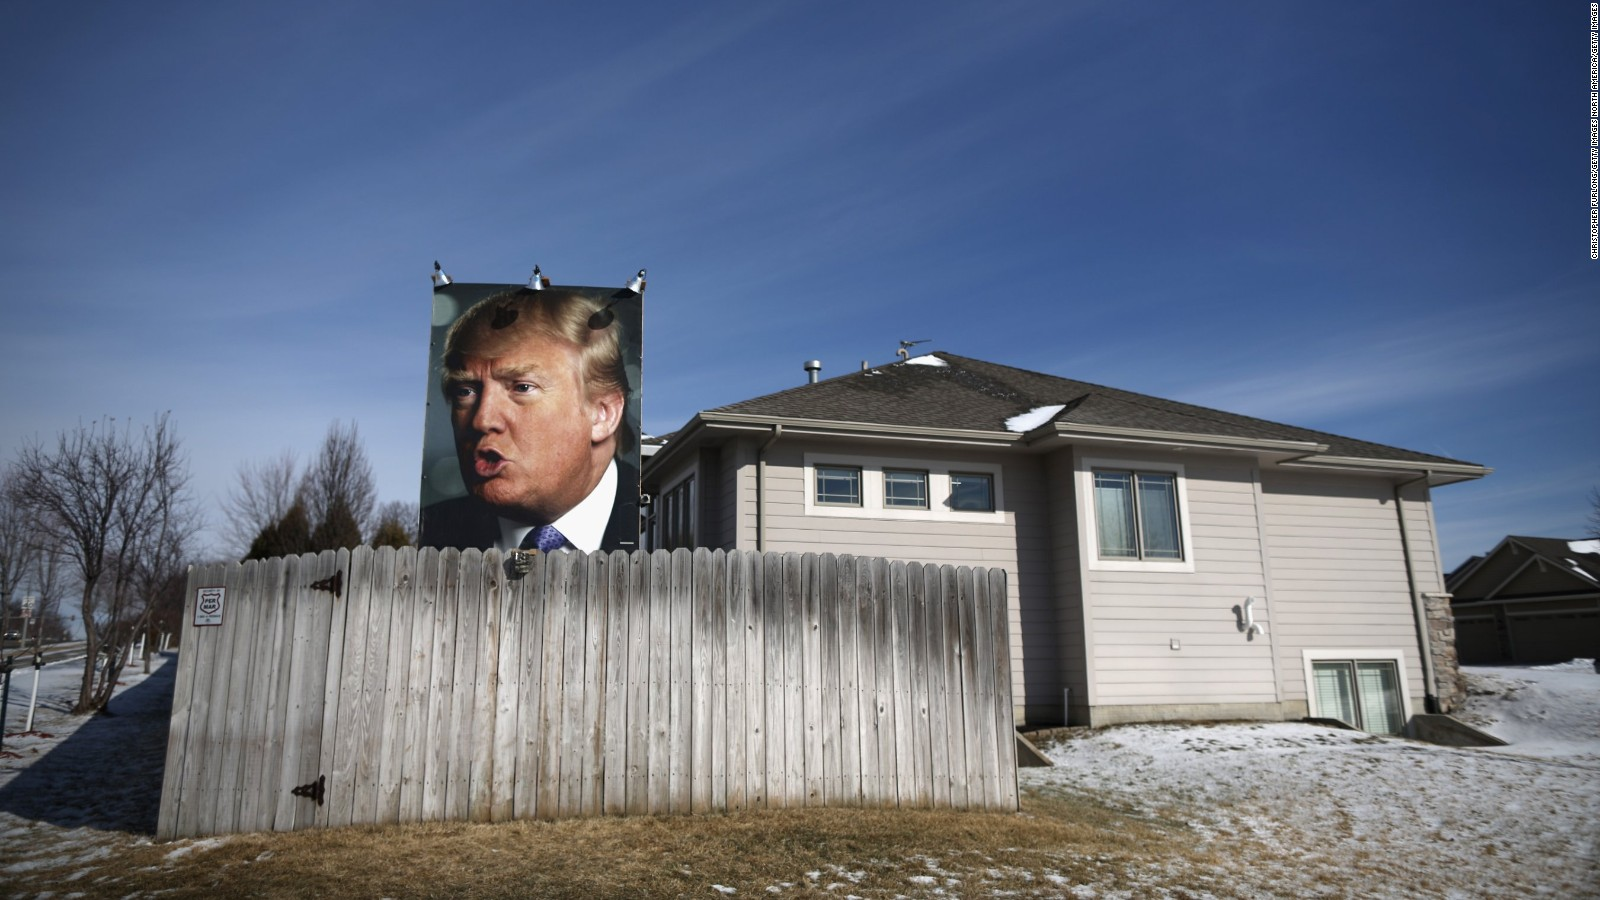 Un afiche gigante del candidato republicano en el jardín en una casa de uno de sus seguidores en West Des Moines, Iowa.